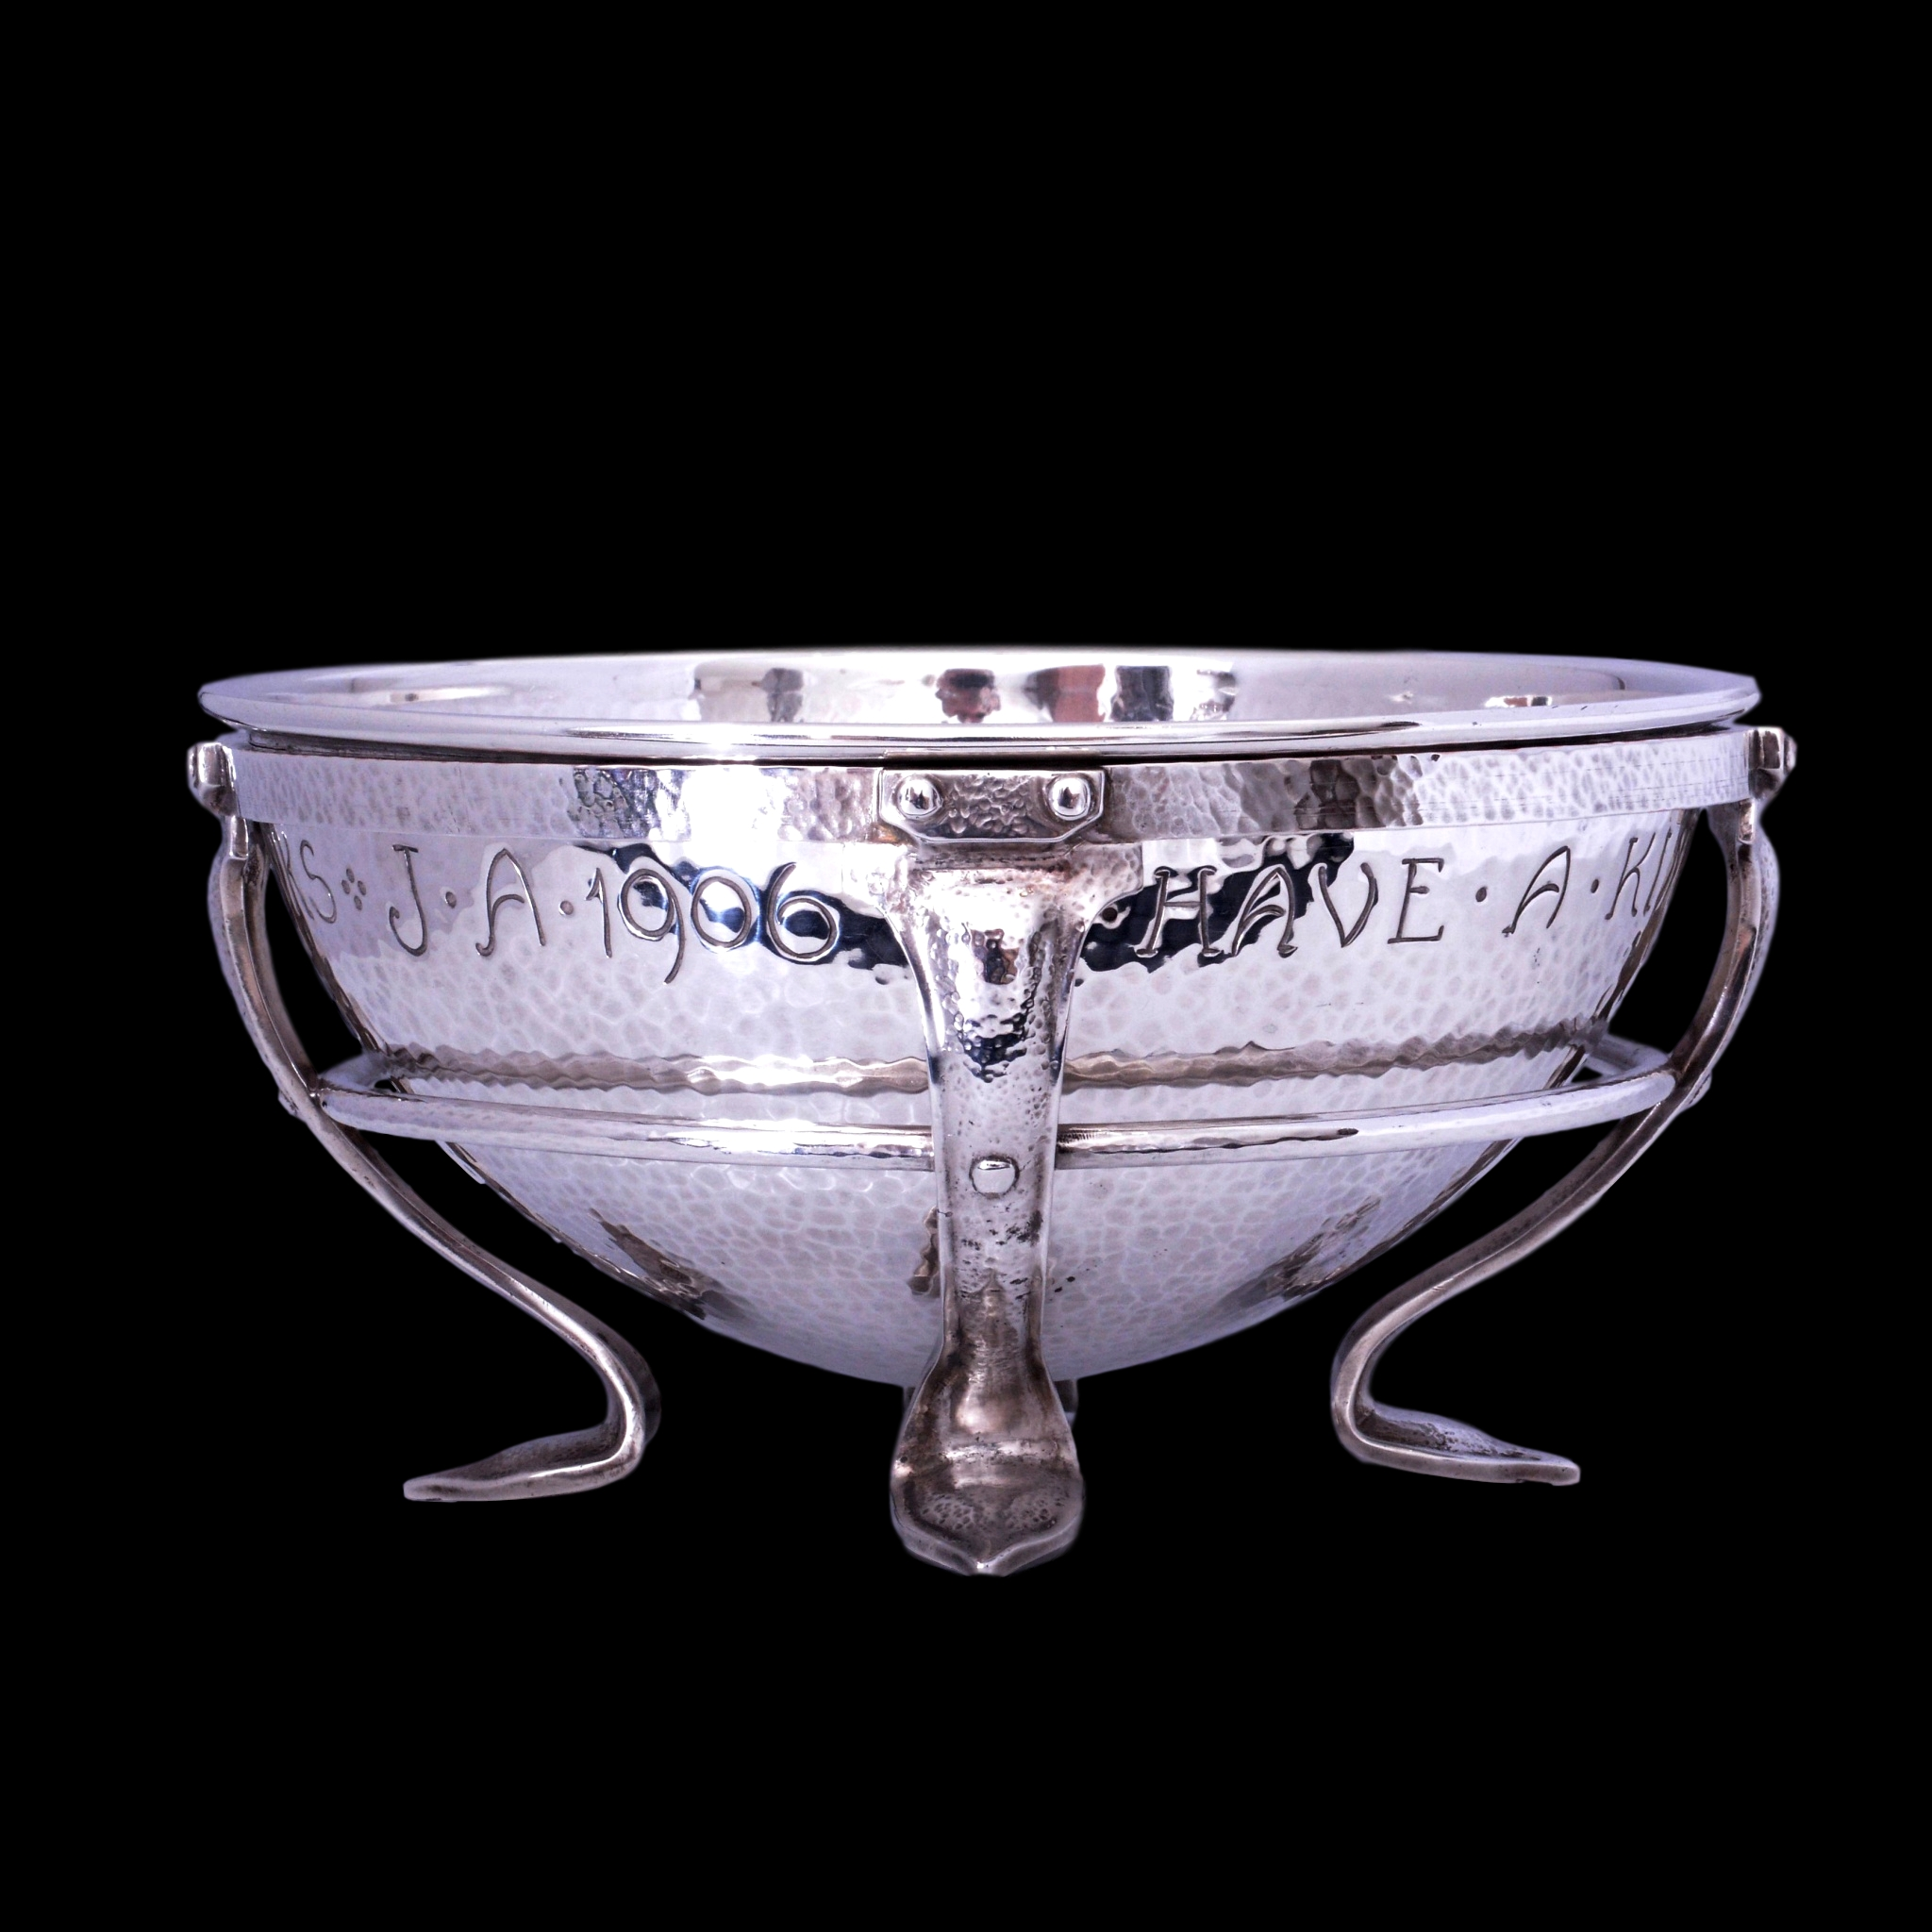 Walker tolhurt bowl